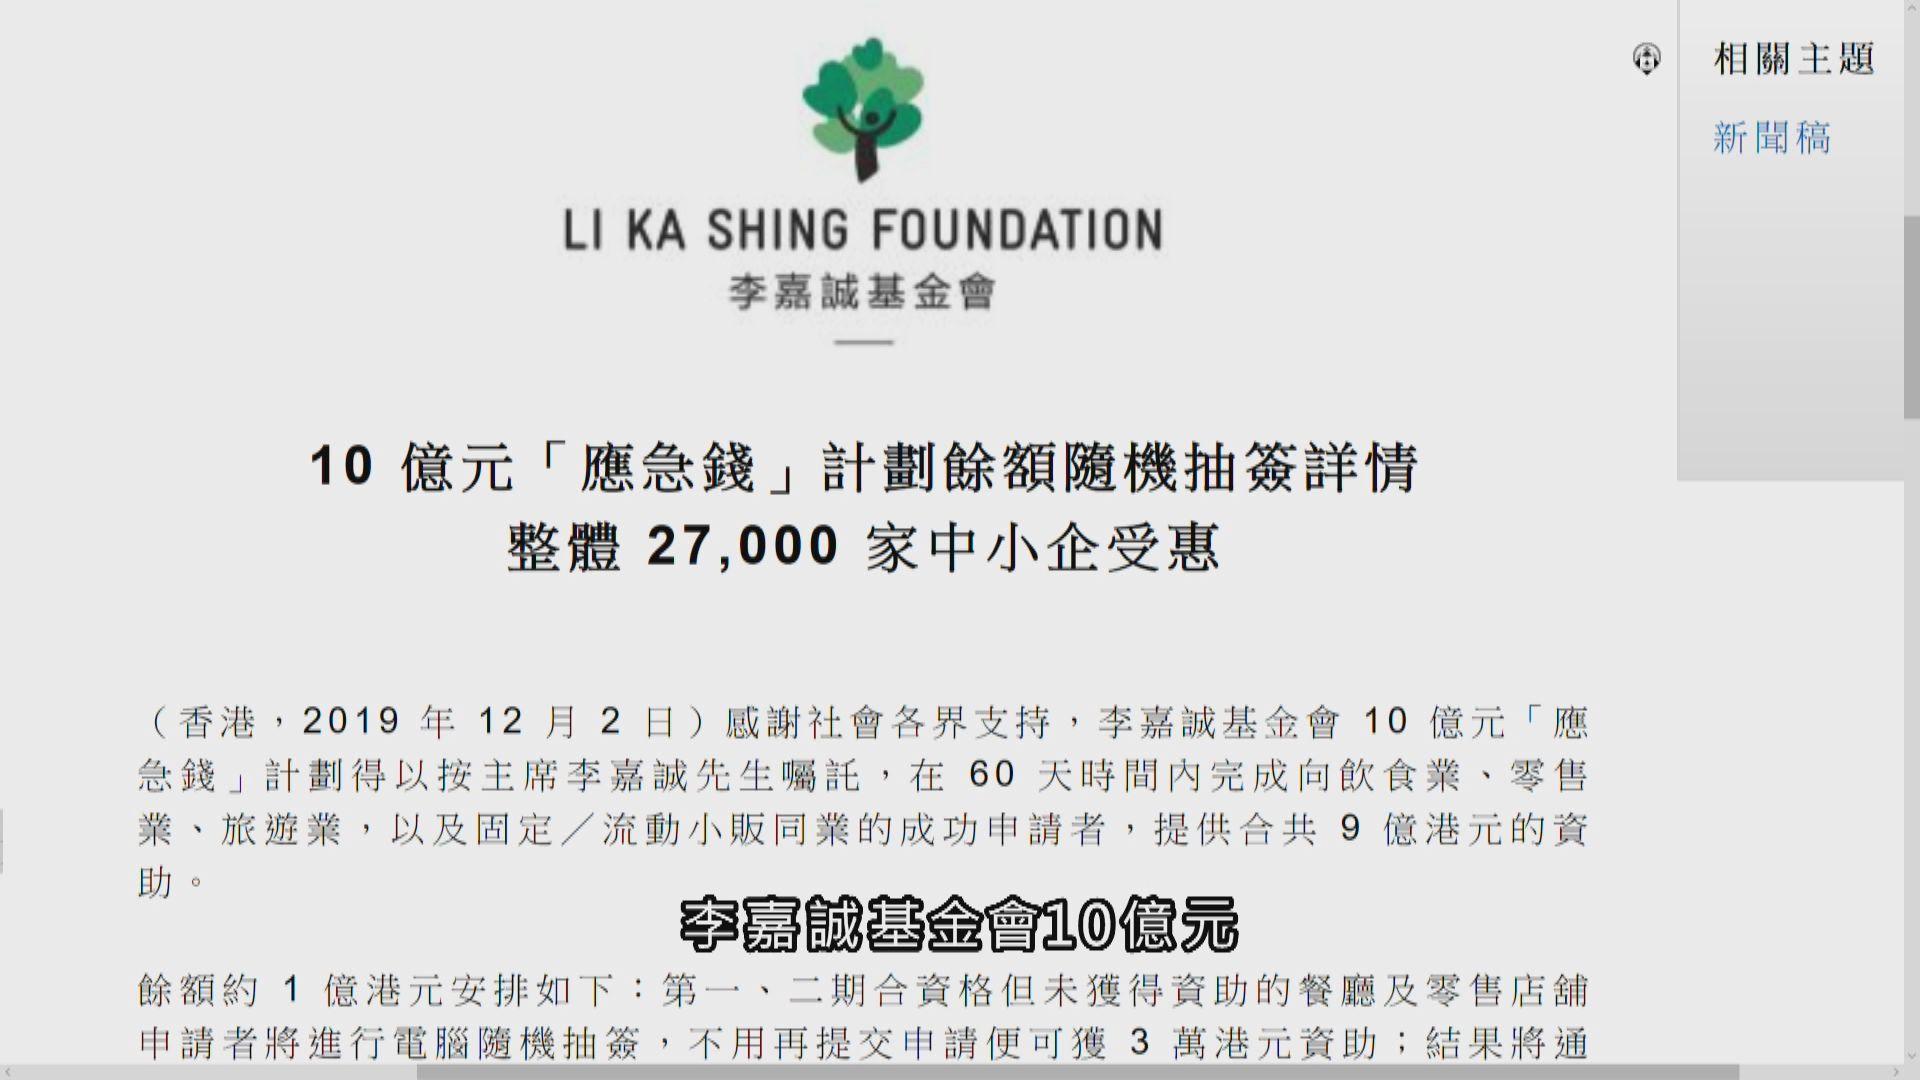 李嘉誠基金會應急錢計劃約2.7萬中小企受惠